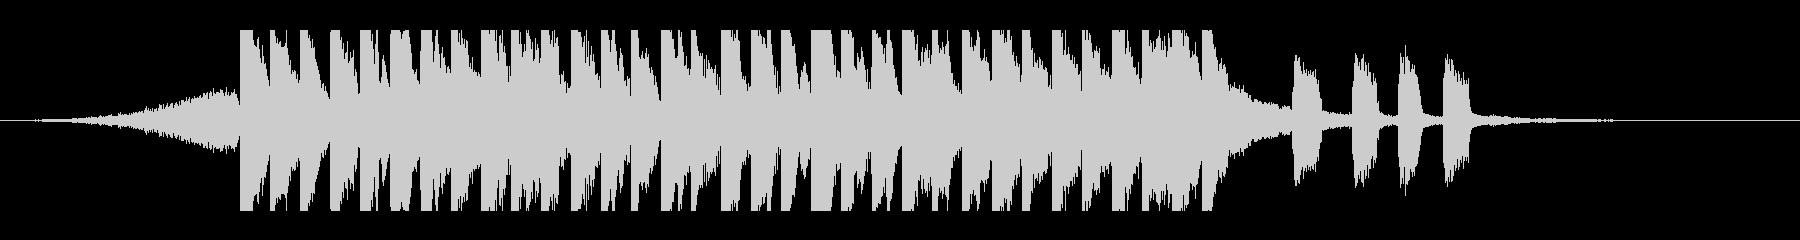 ハッピーポップ(15秒)の未再生の波形